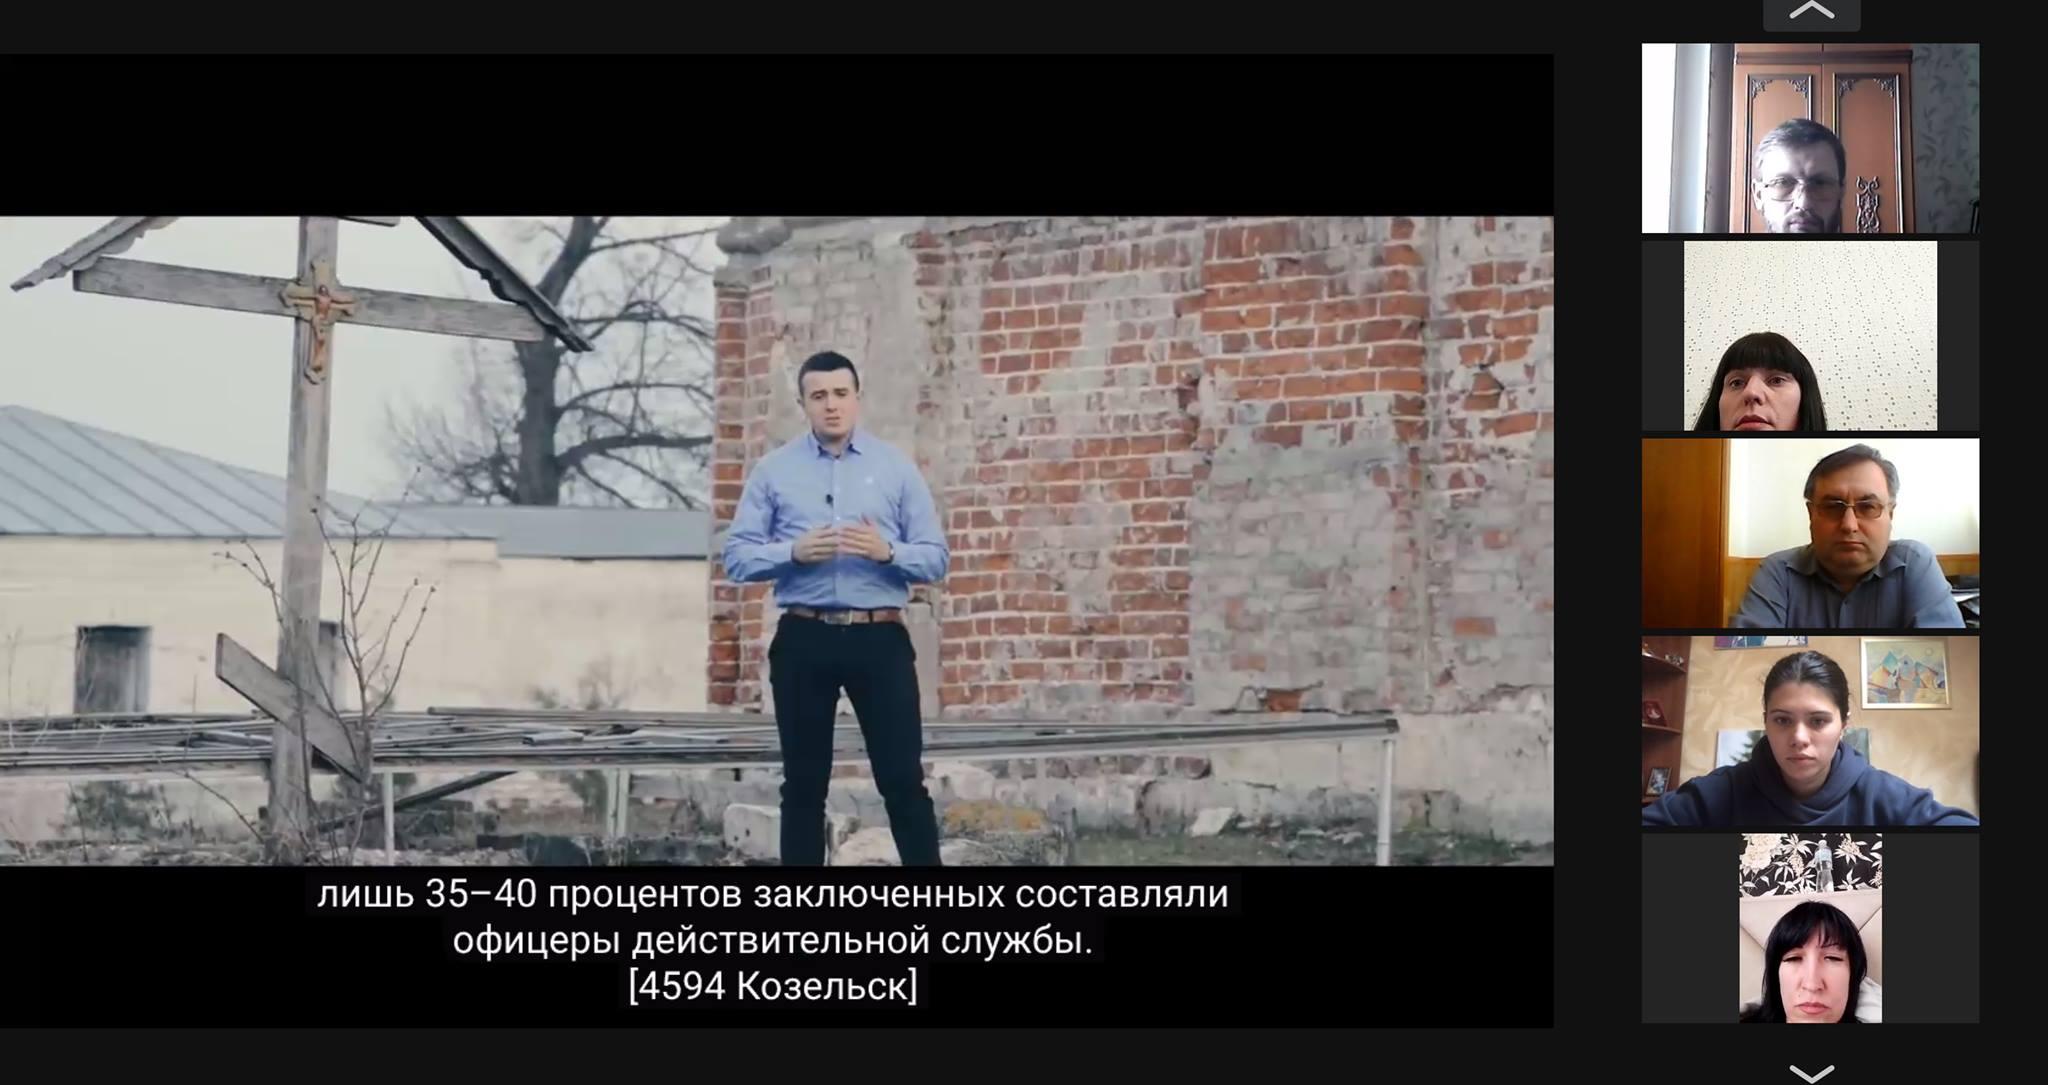 Презентация о событиях в Катыни